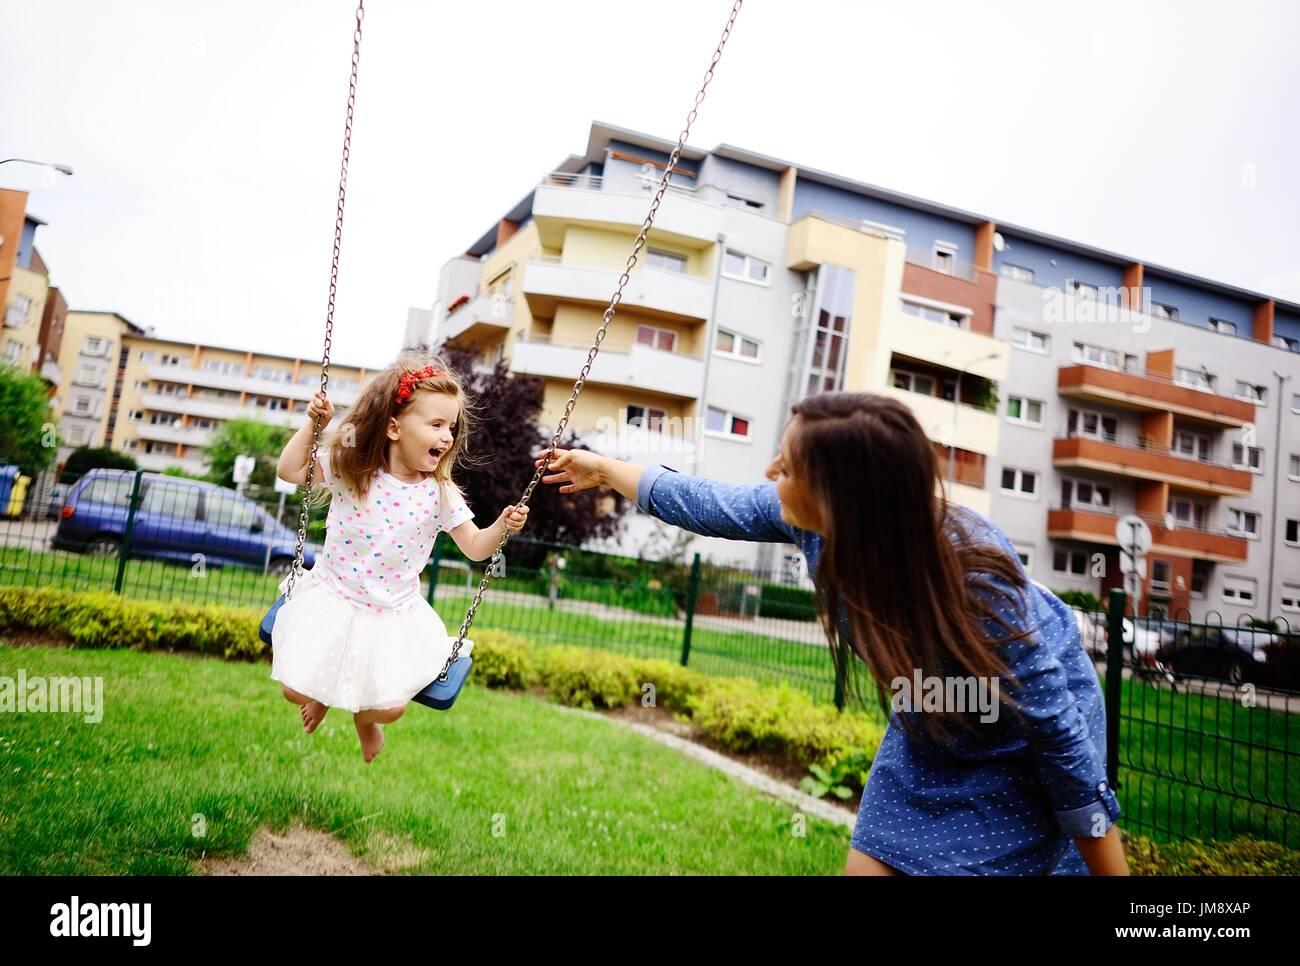 Jeune mère joue dans l'aire de jeux avec la petite fille. Femme secoue le bébé sur une balançoire. Serene journée d'été. Bonne humeur. Photo Stock